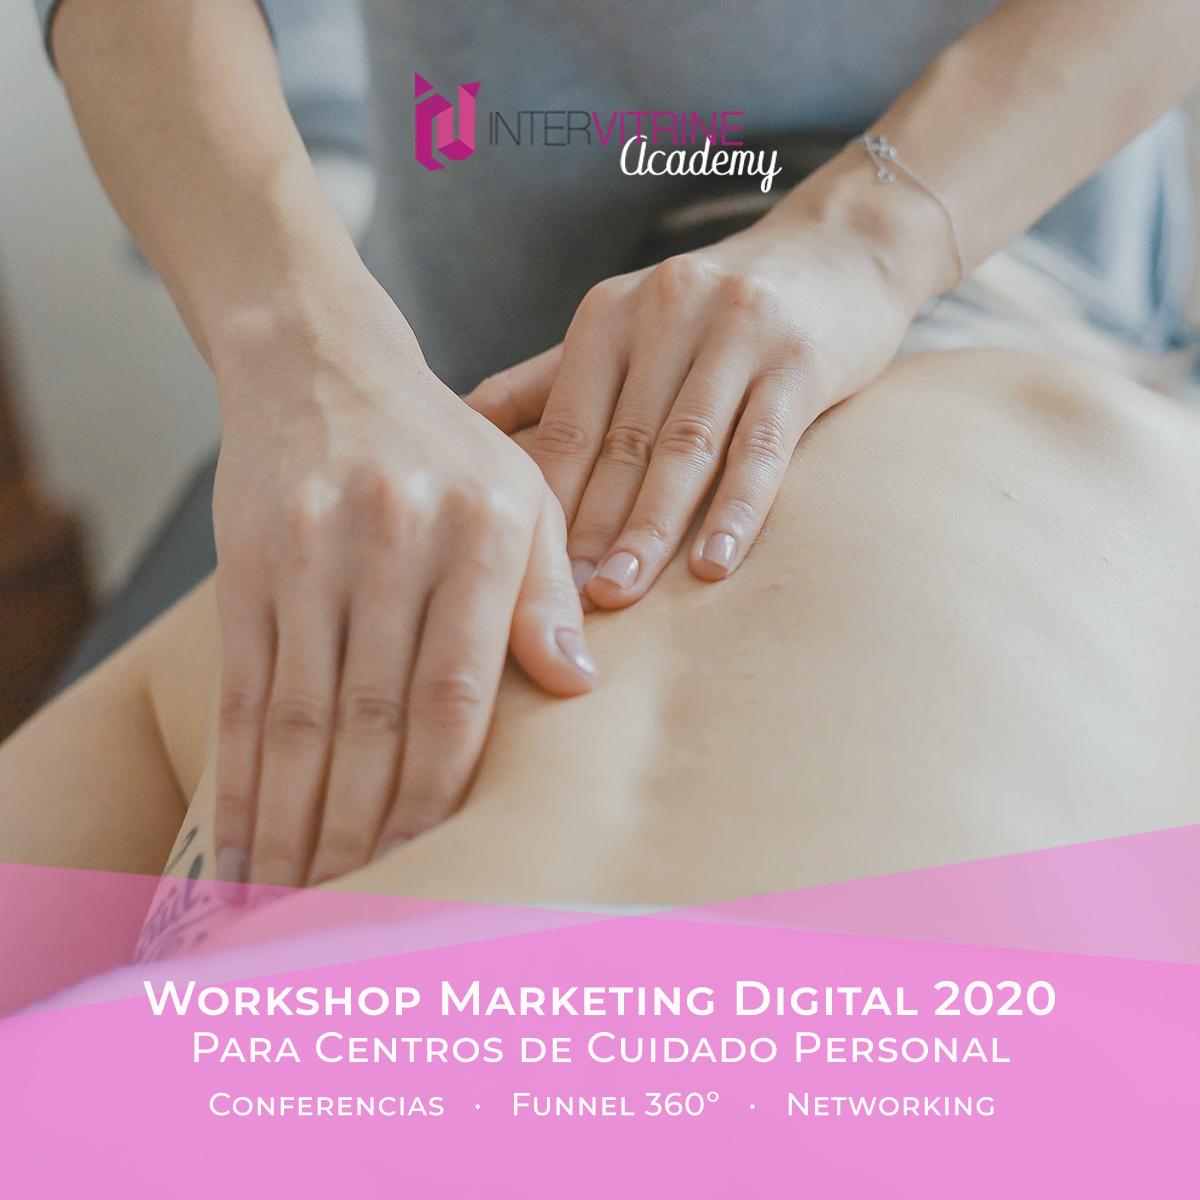 Workshop de Novedades en Marketing Digital para Centros de cuidado personal en 2020 1